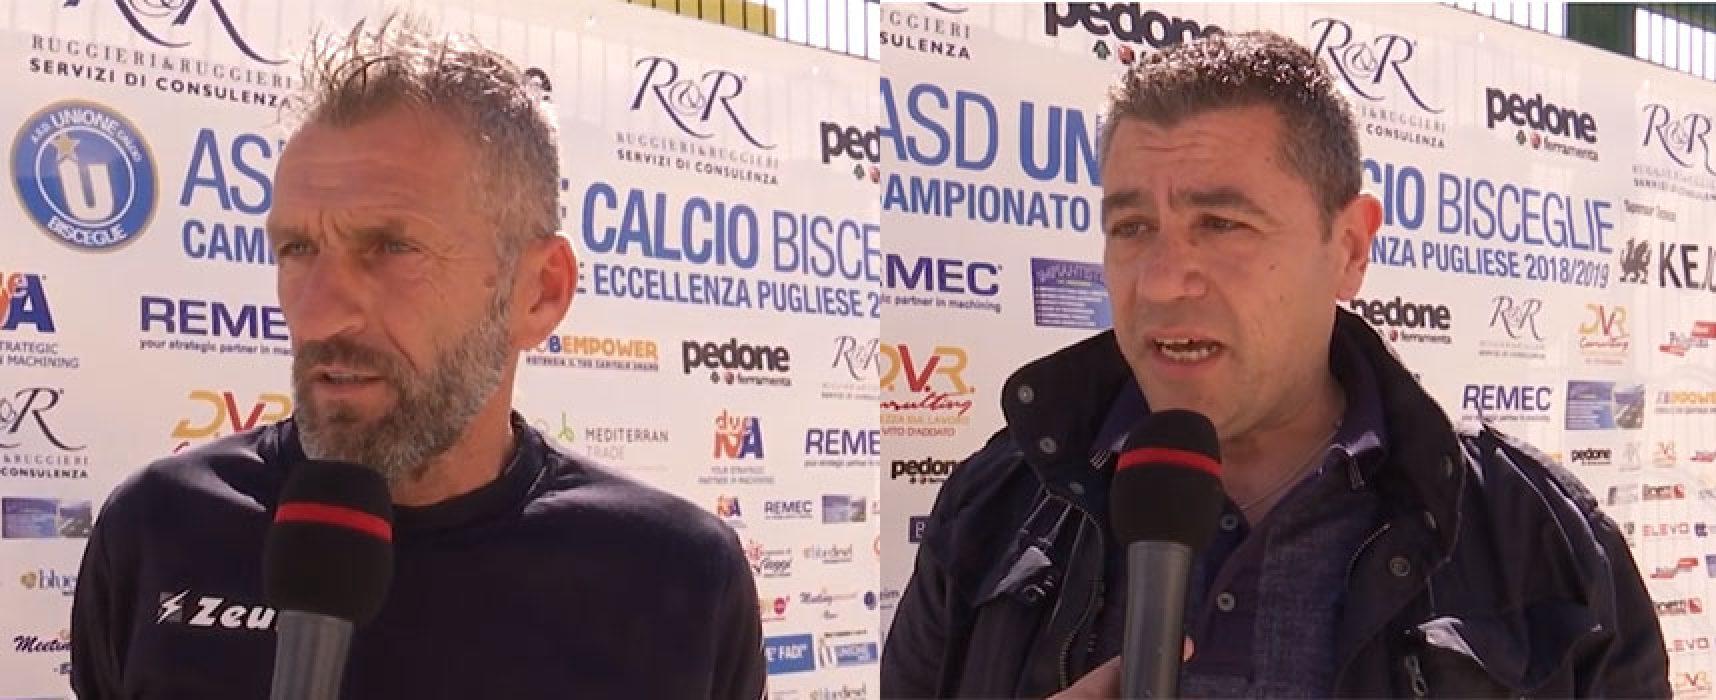 Unione Calcio, il bilancio di Under 19 e 17 con i tecnici Fanelli e Albanese / VIDEO